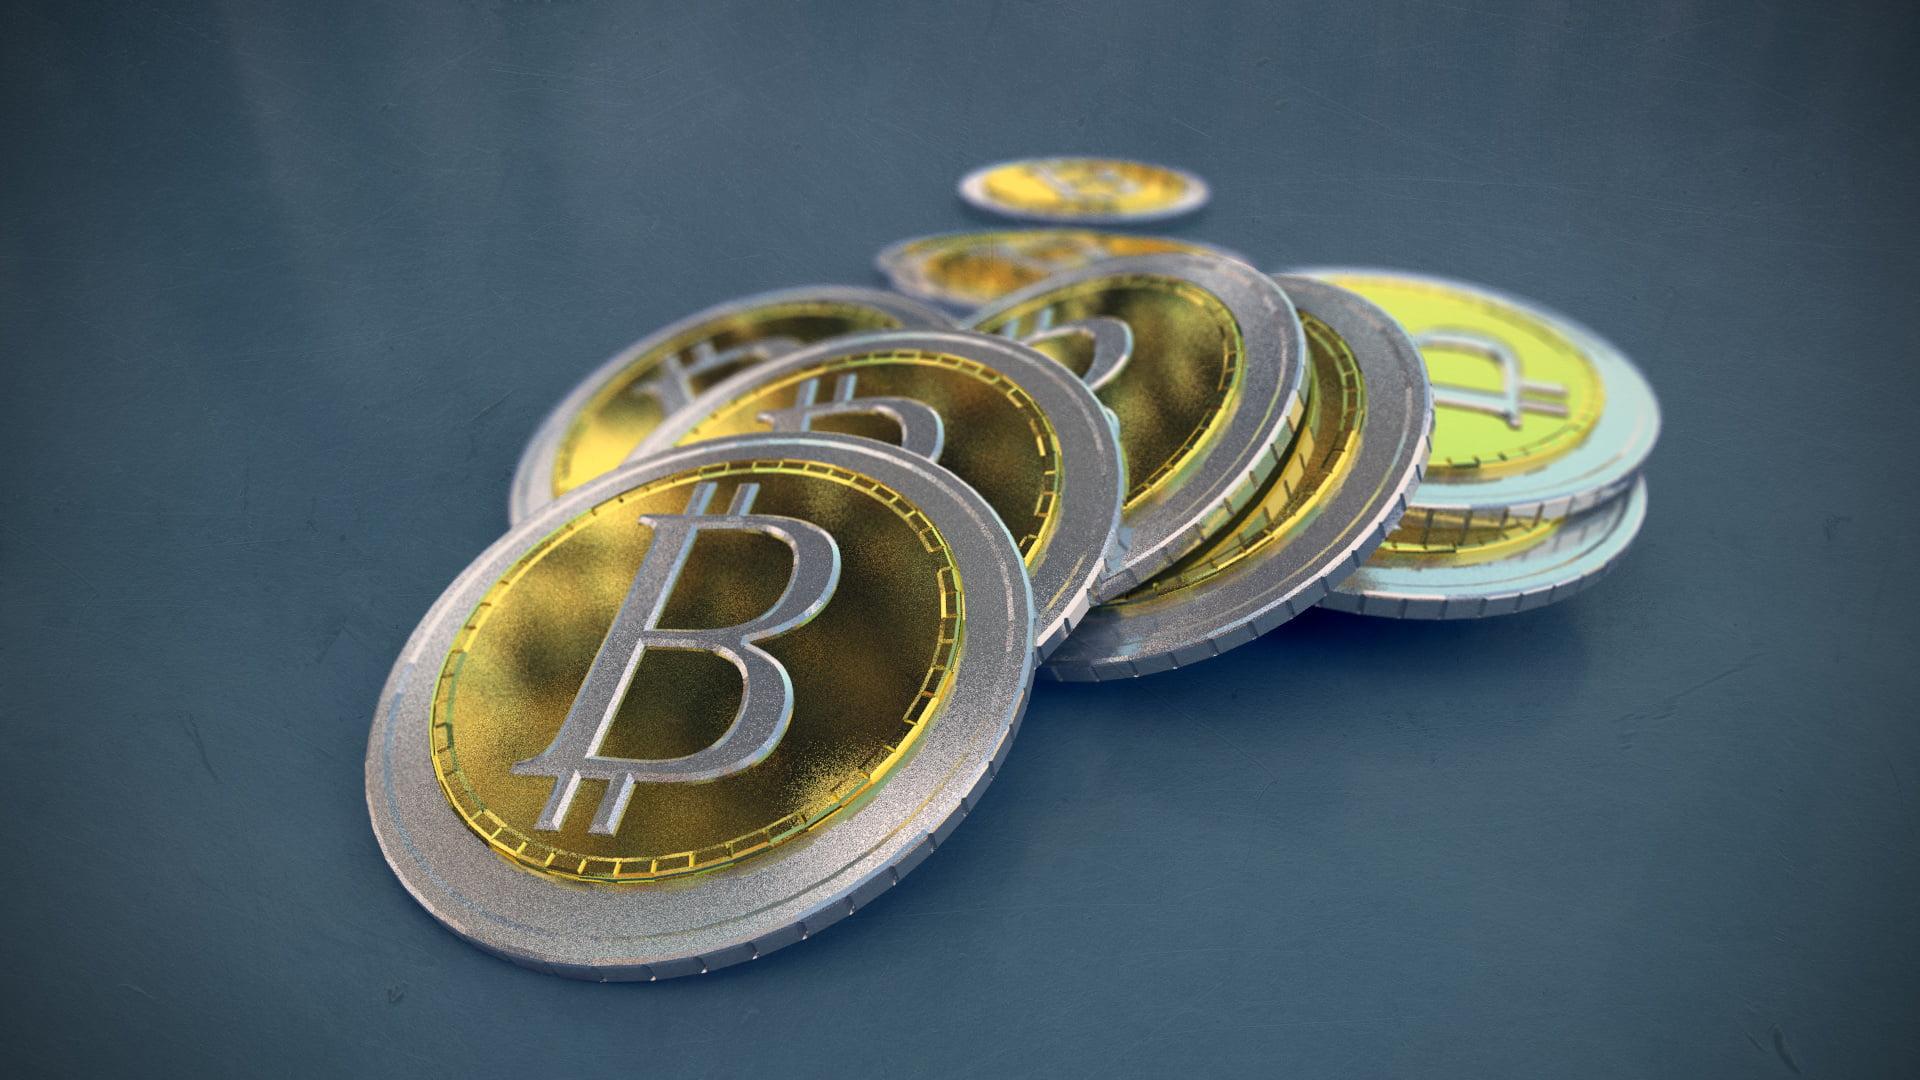 bitcoin silk road, bitcoin drugs, bitcoin black market